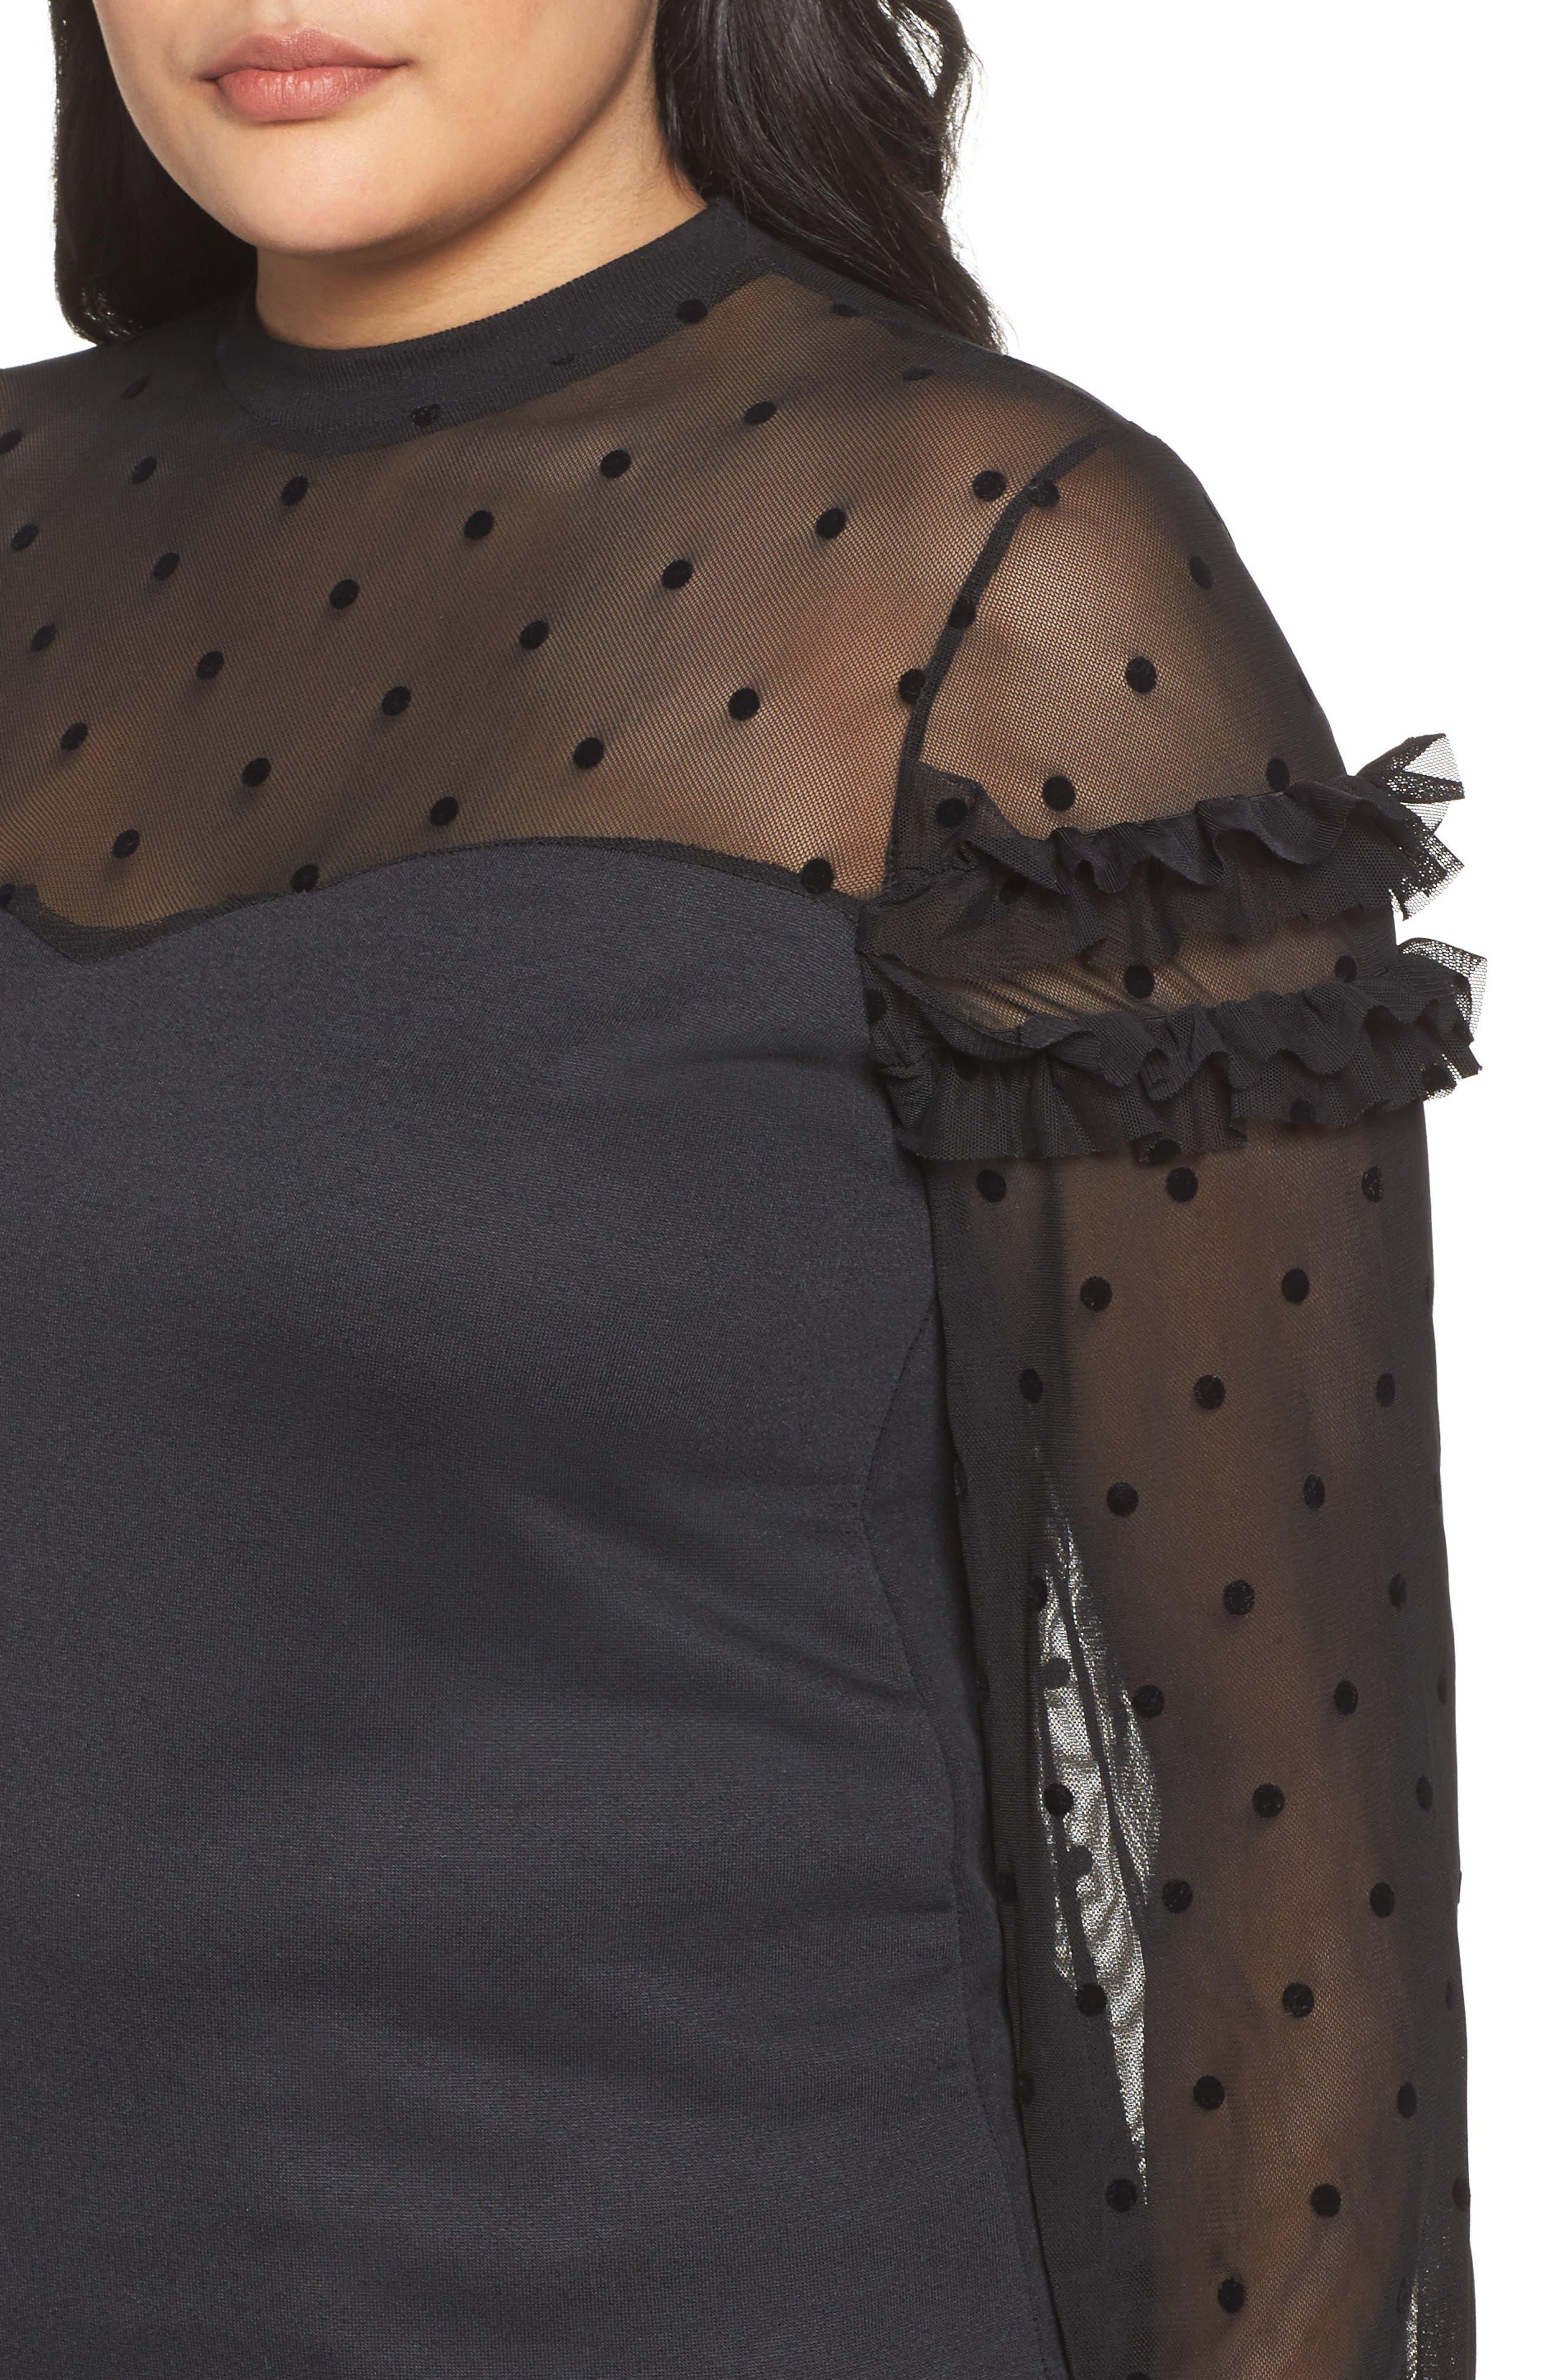 Dot Mesh Sweater,                             Alternate thumbnail 4, color,                             Black